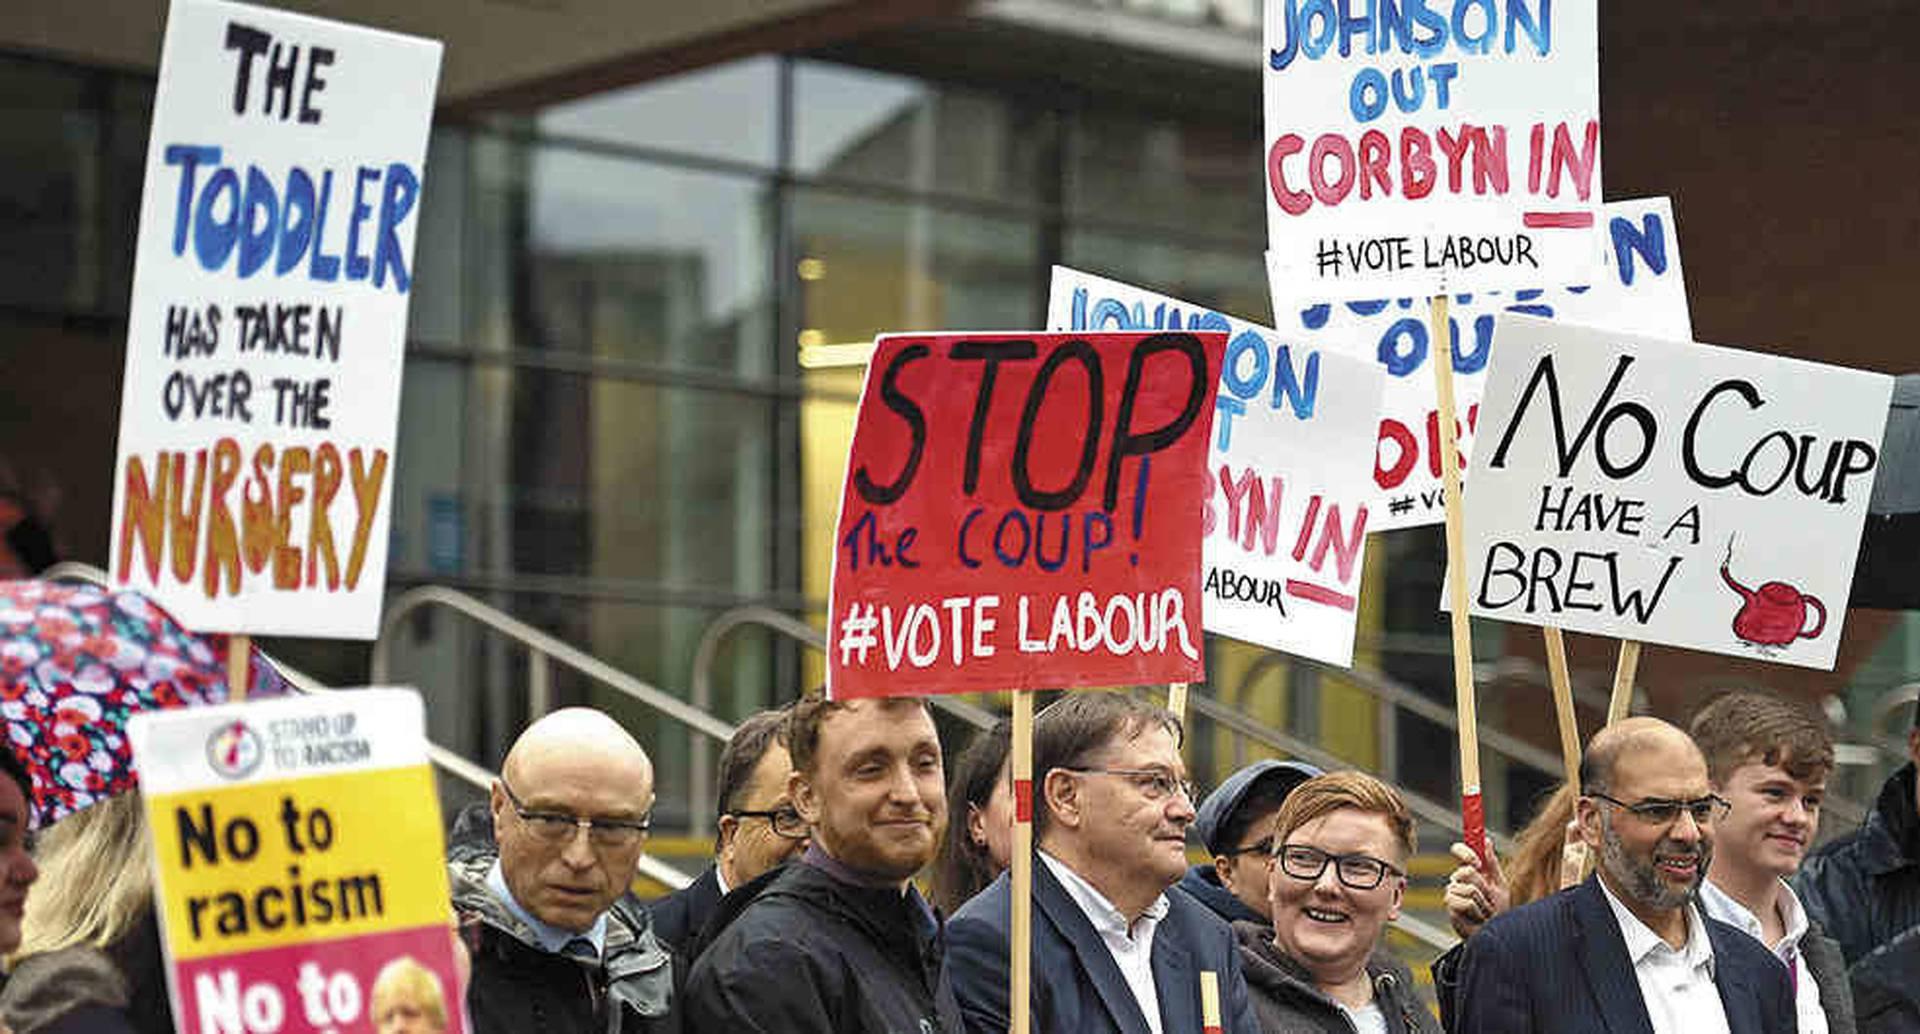 Muchos británicos consideran un golpe a su democracia la medida tomada por Johnson de suspender el Parlamento.